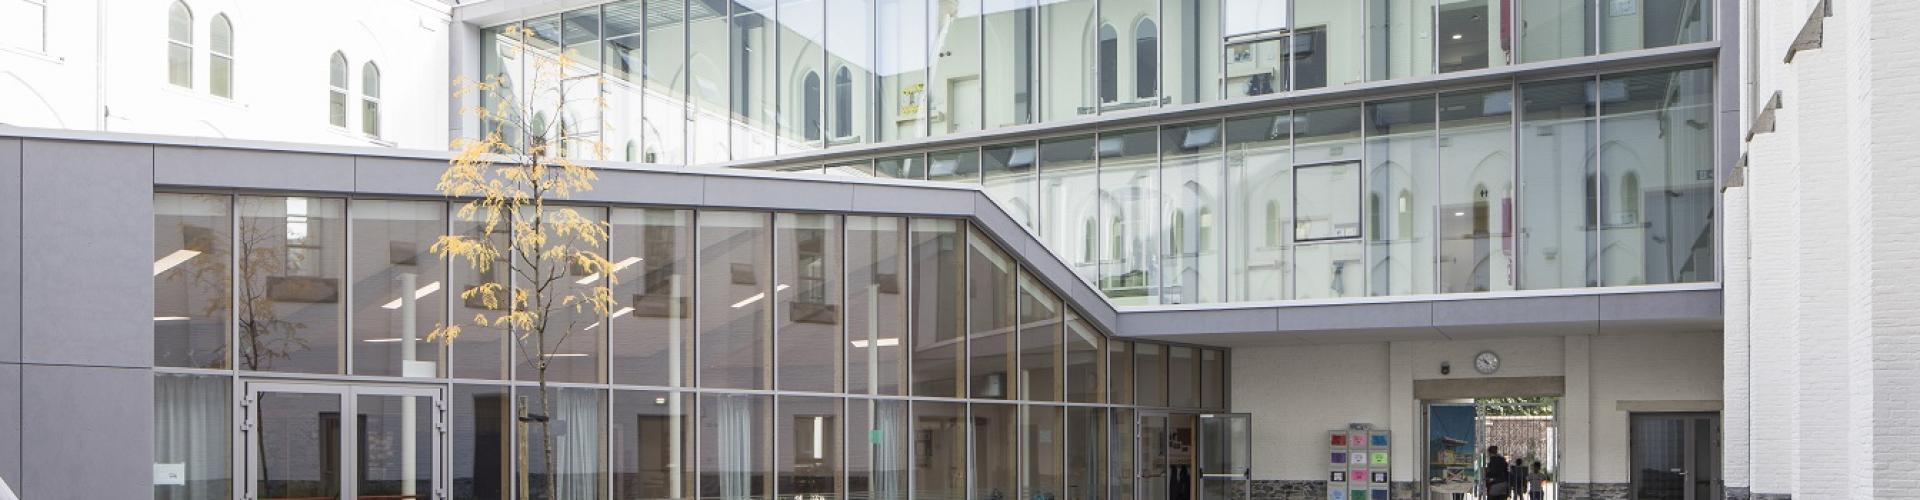 Buitengewoon Basisonderwijs Sint-Lievenspoort Gent